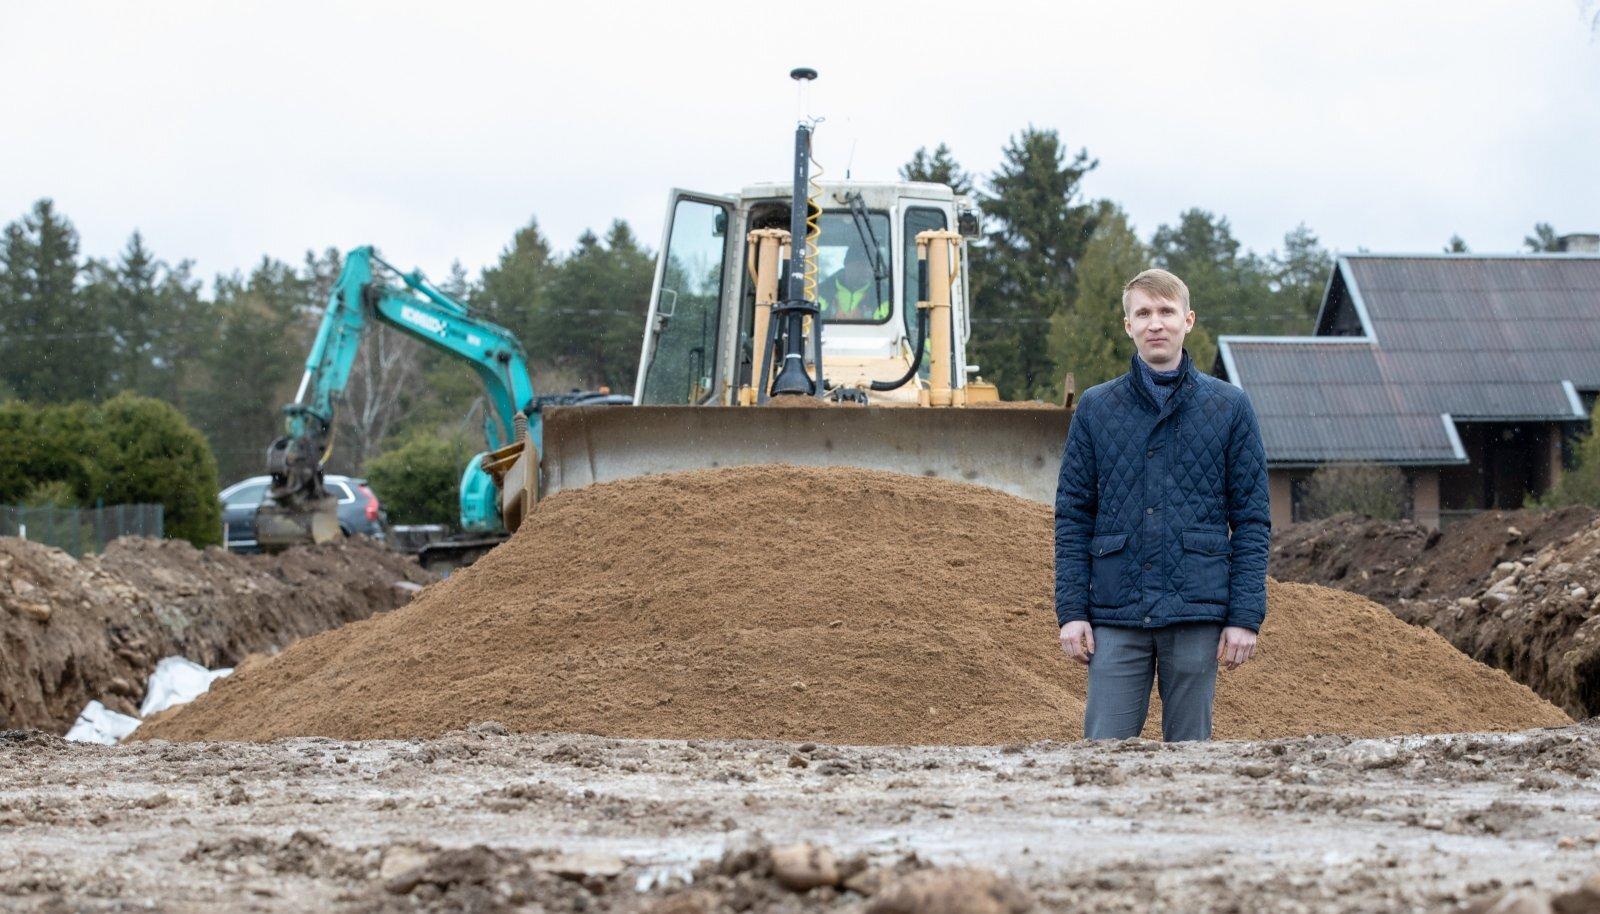 Haljala vallavanem Ivar Lilleberg ütleb, et isegi kaugemalt pärit inimesed ehitaksid endale hea meelega maja, kui nad ei pea teede ja torude pärast muretsema.